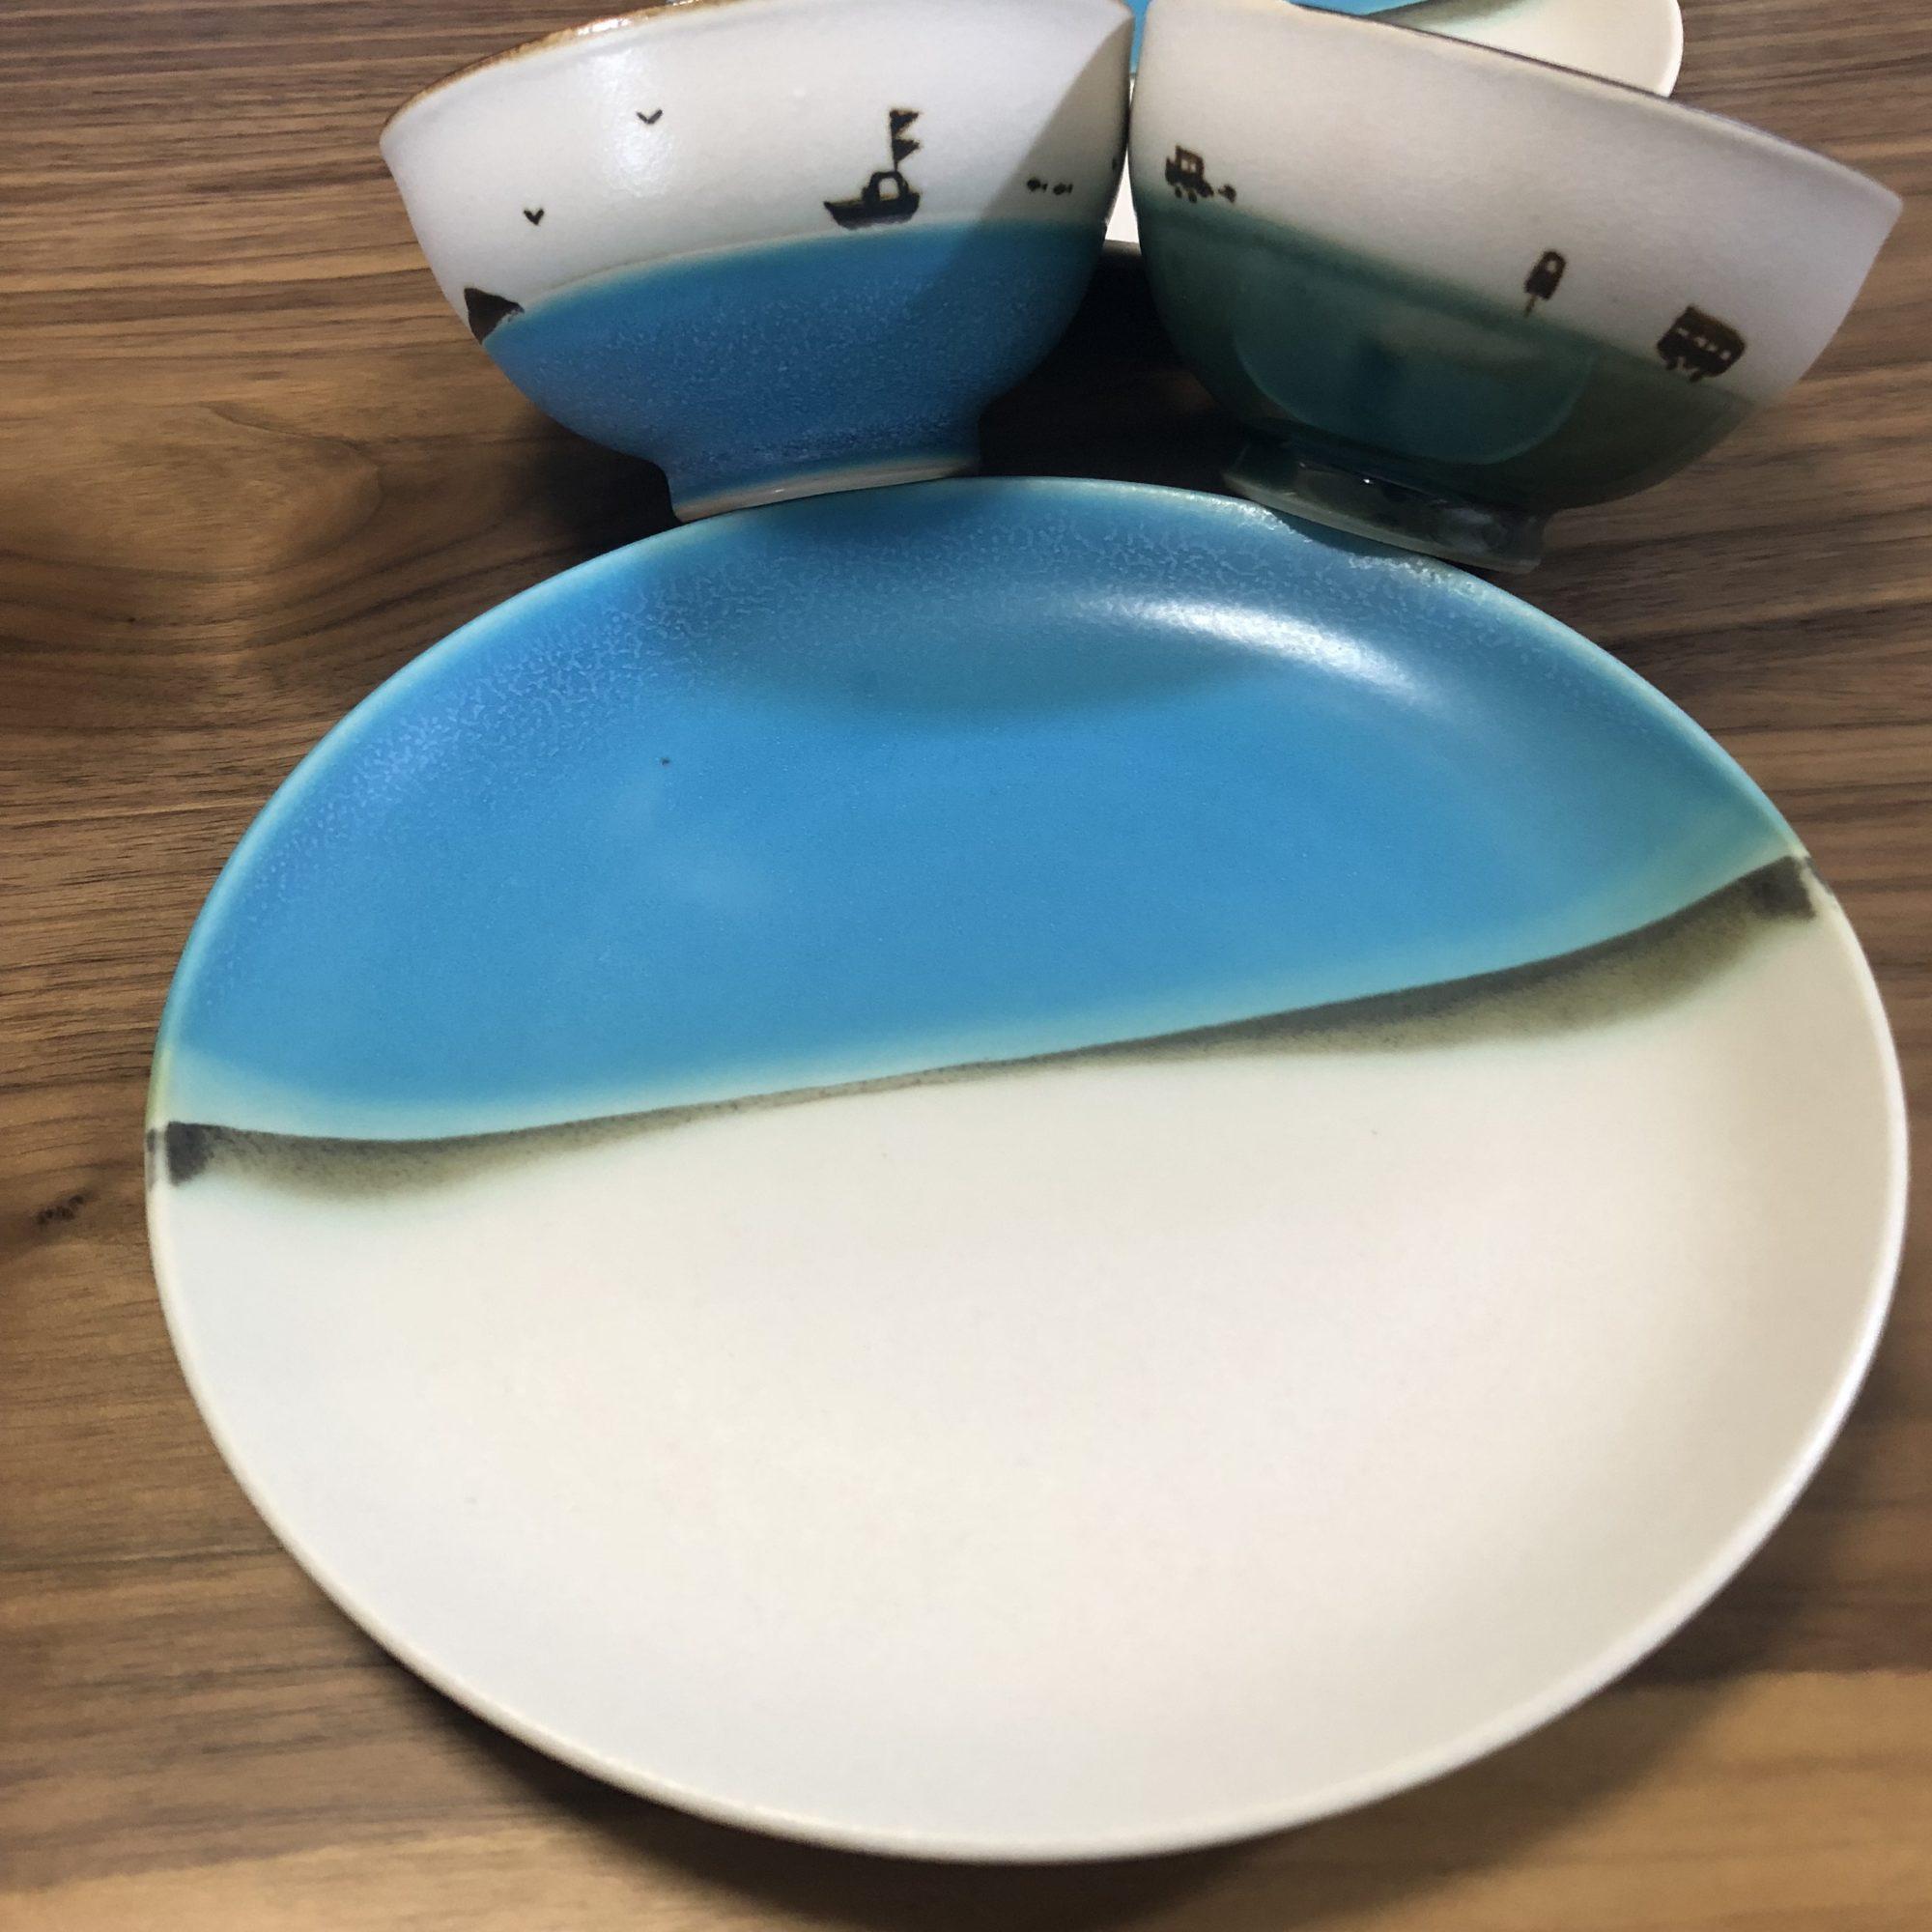 ヤッチとムーンでおしゃれな食器たちに癒される〜沖縄の那覇市にあるお店〜